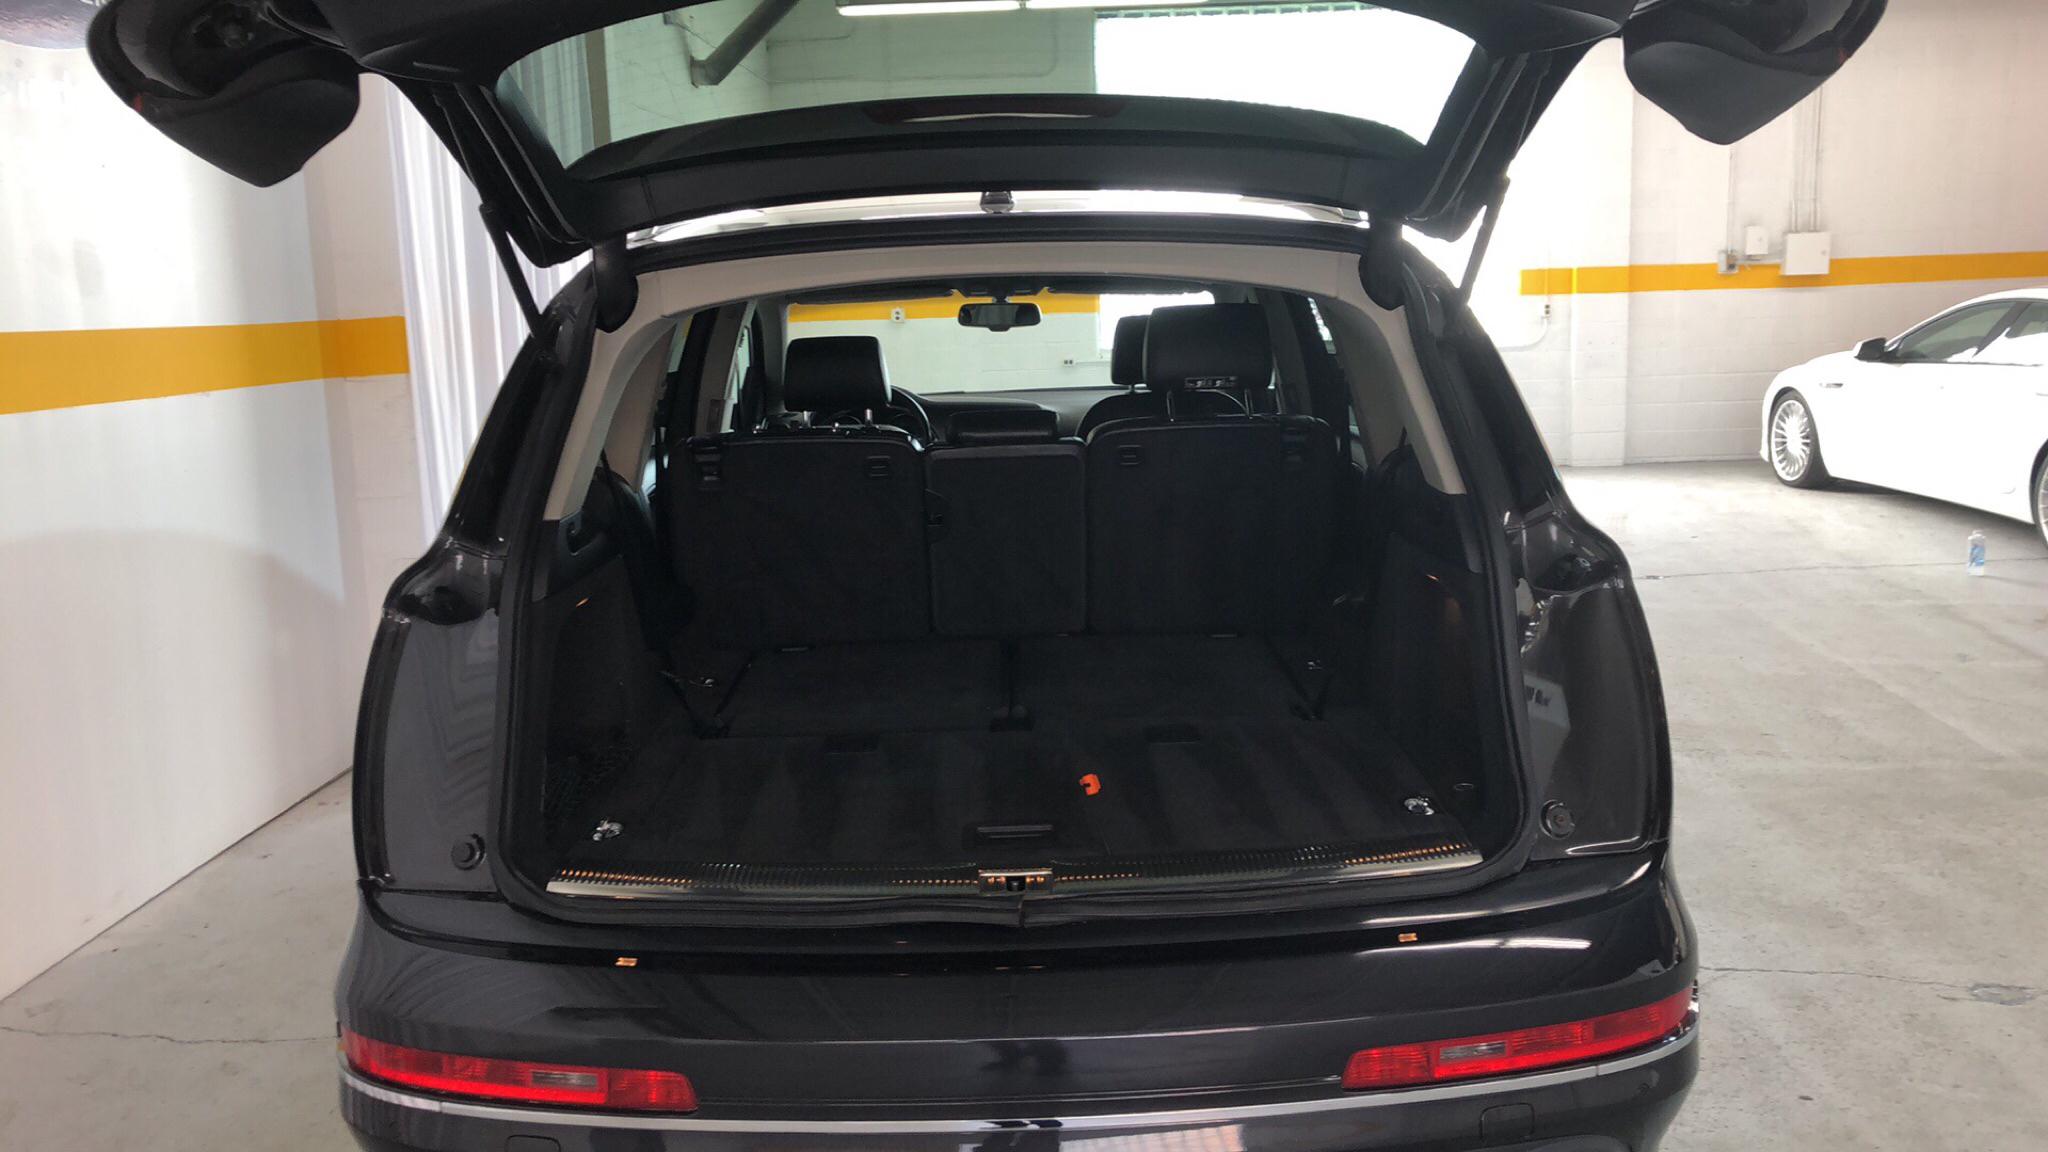 2011 AUDI Q7 PREMIUM PLUS for sale at Tradewinds Motor Center